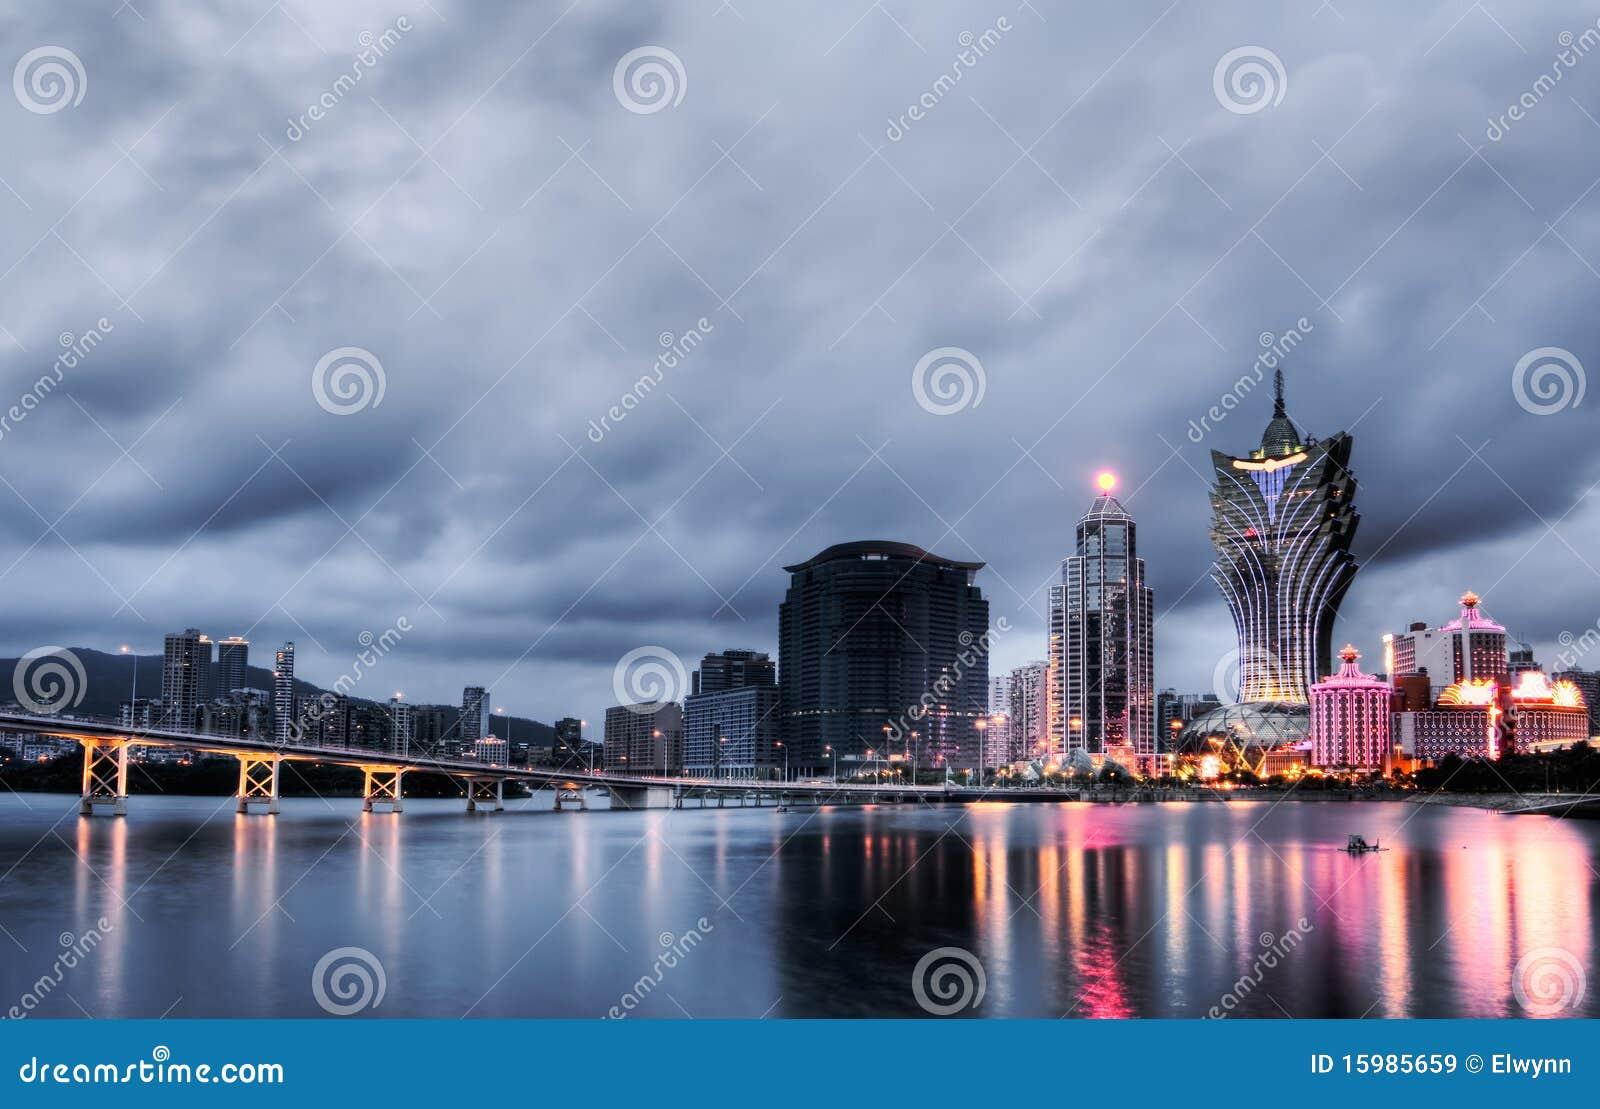 Cityscape macao